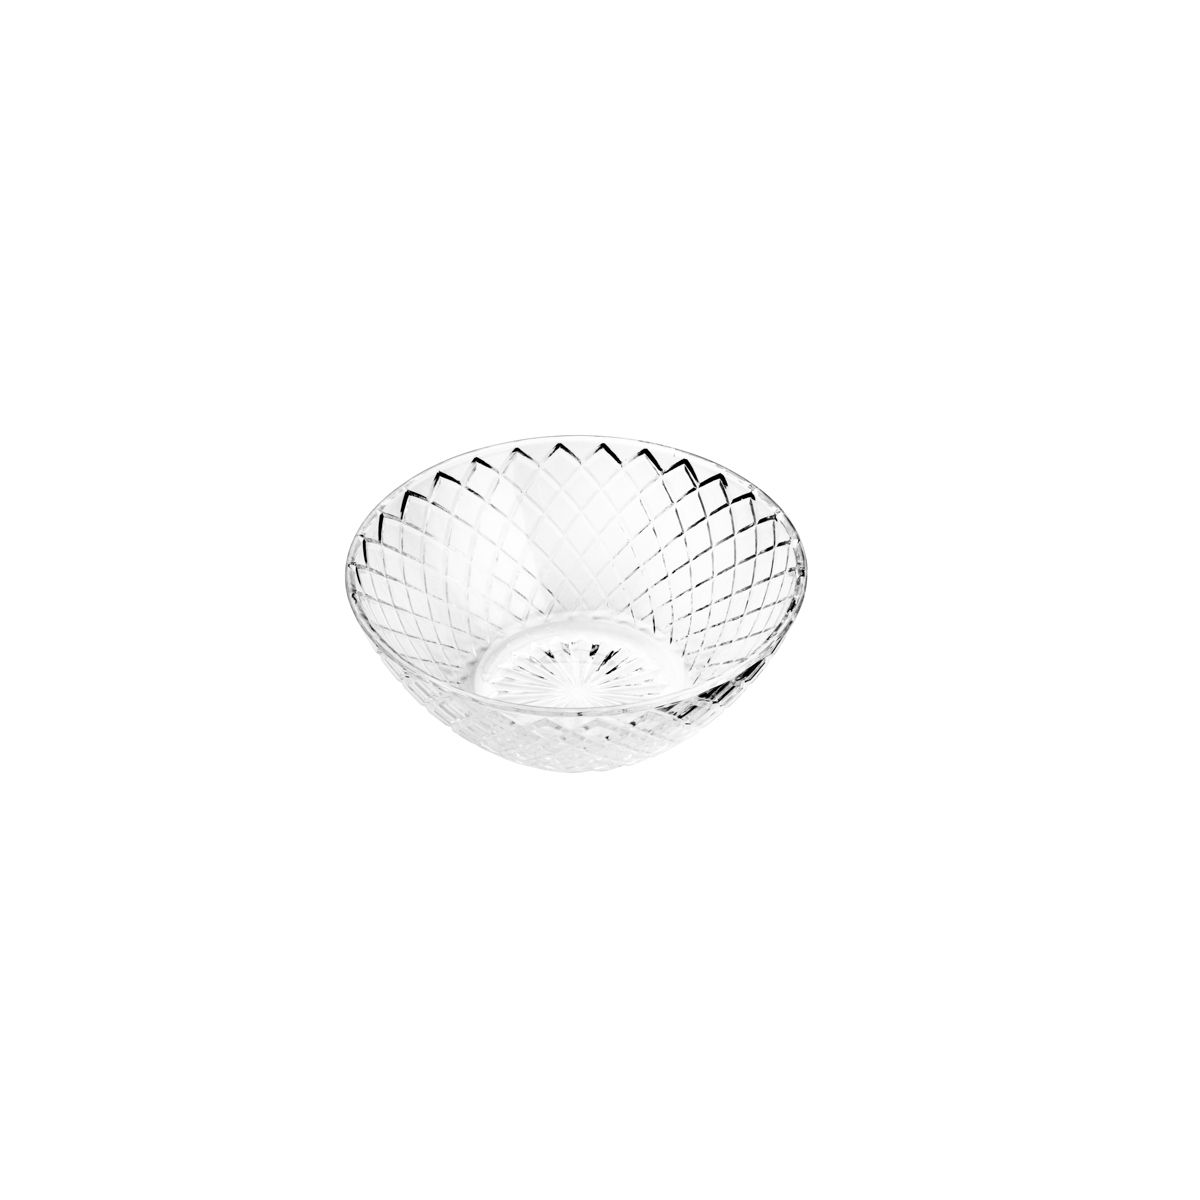 Conjunto 6 Bowls de Vidro Grid Transparente 15cm